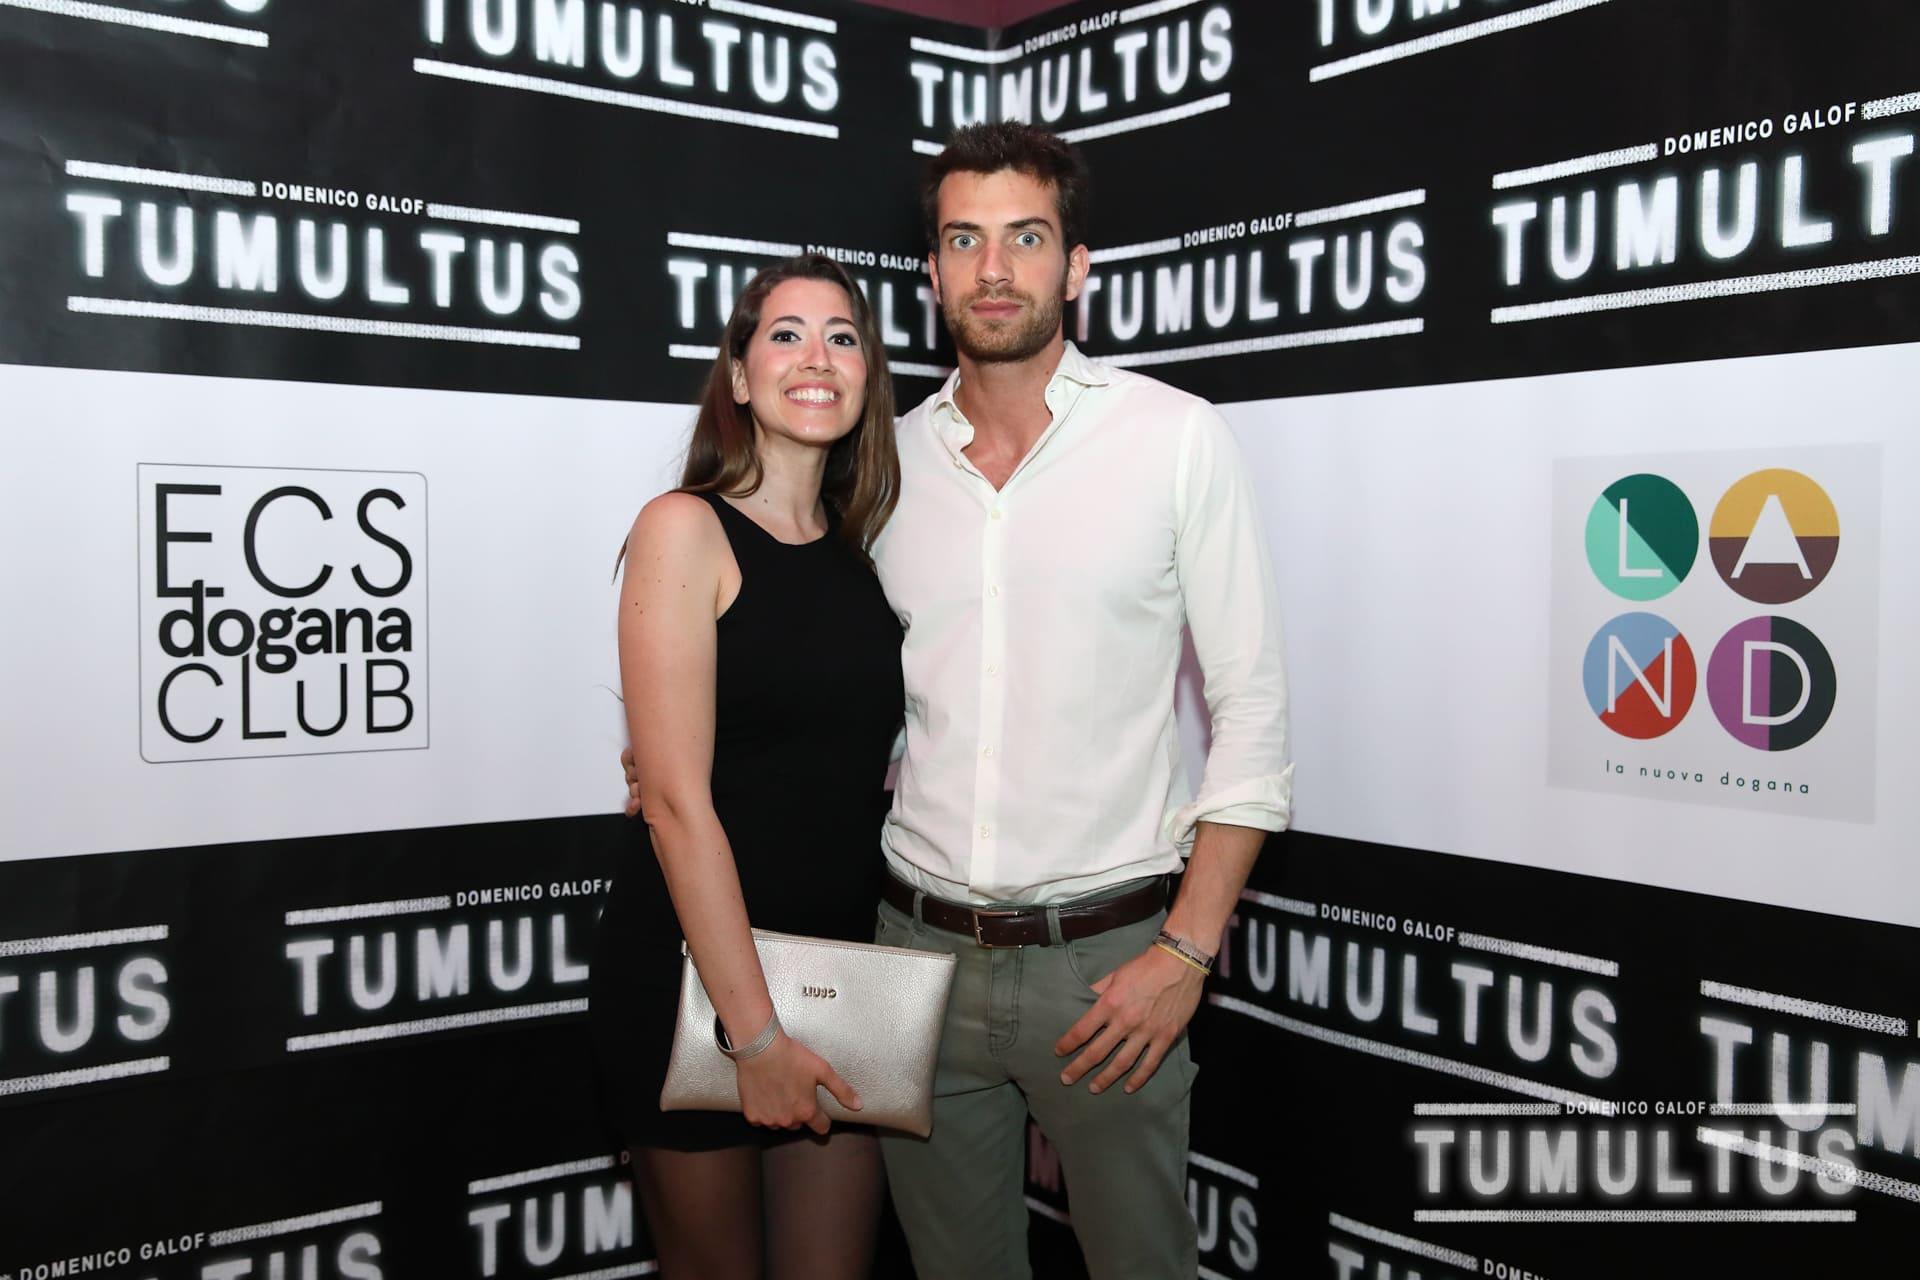 L'Origine di Tumultus (138)